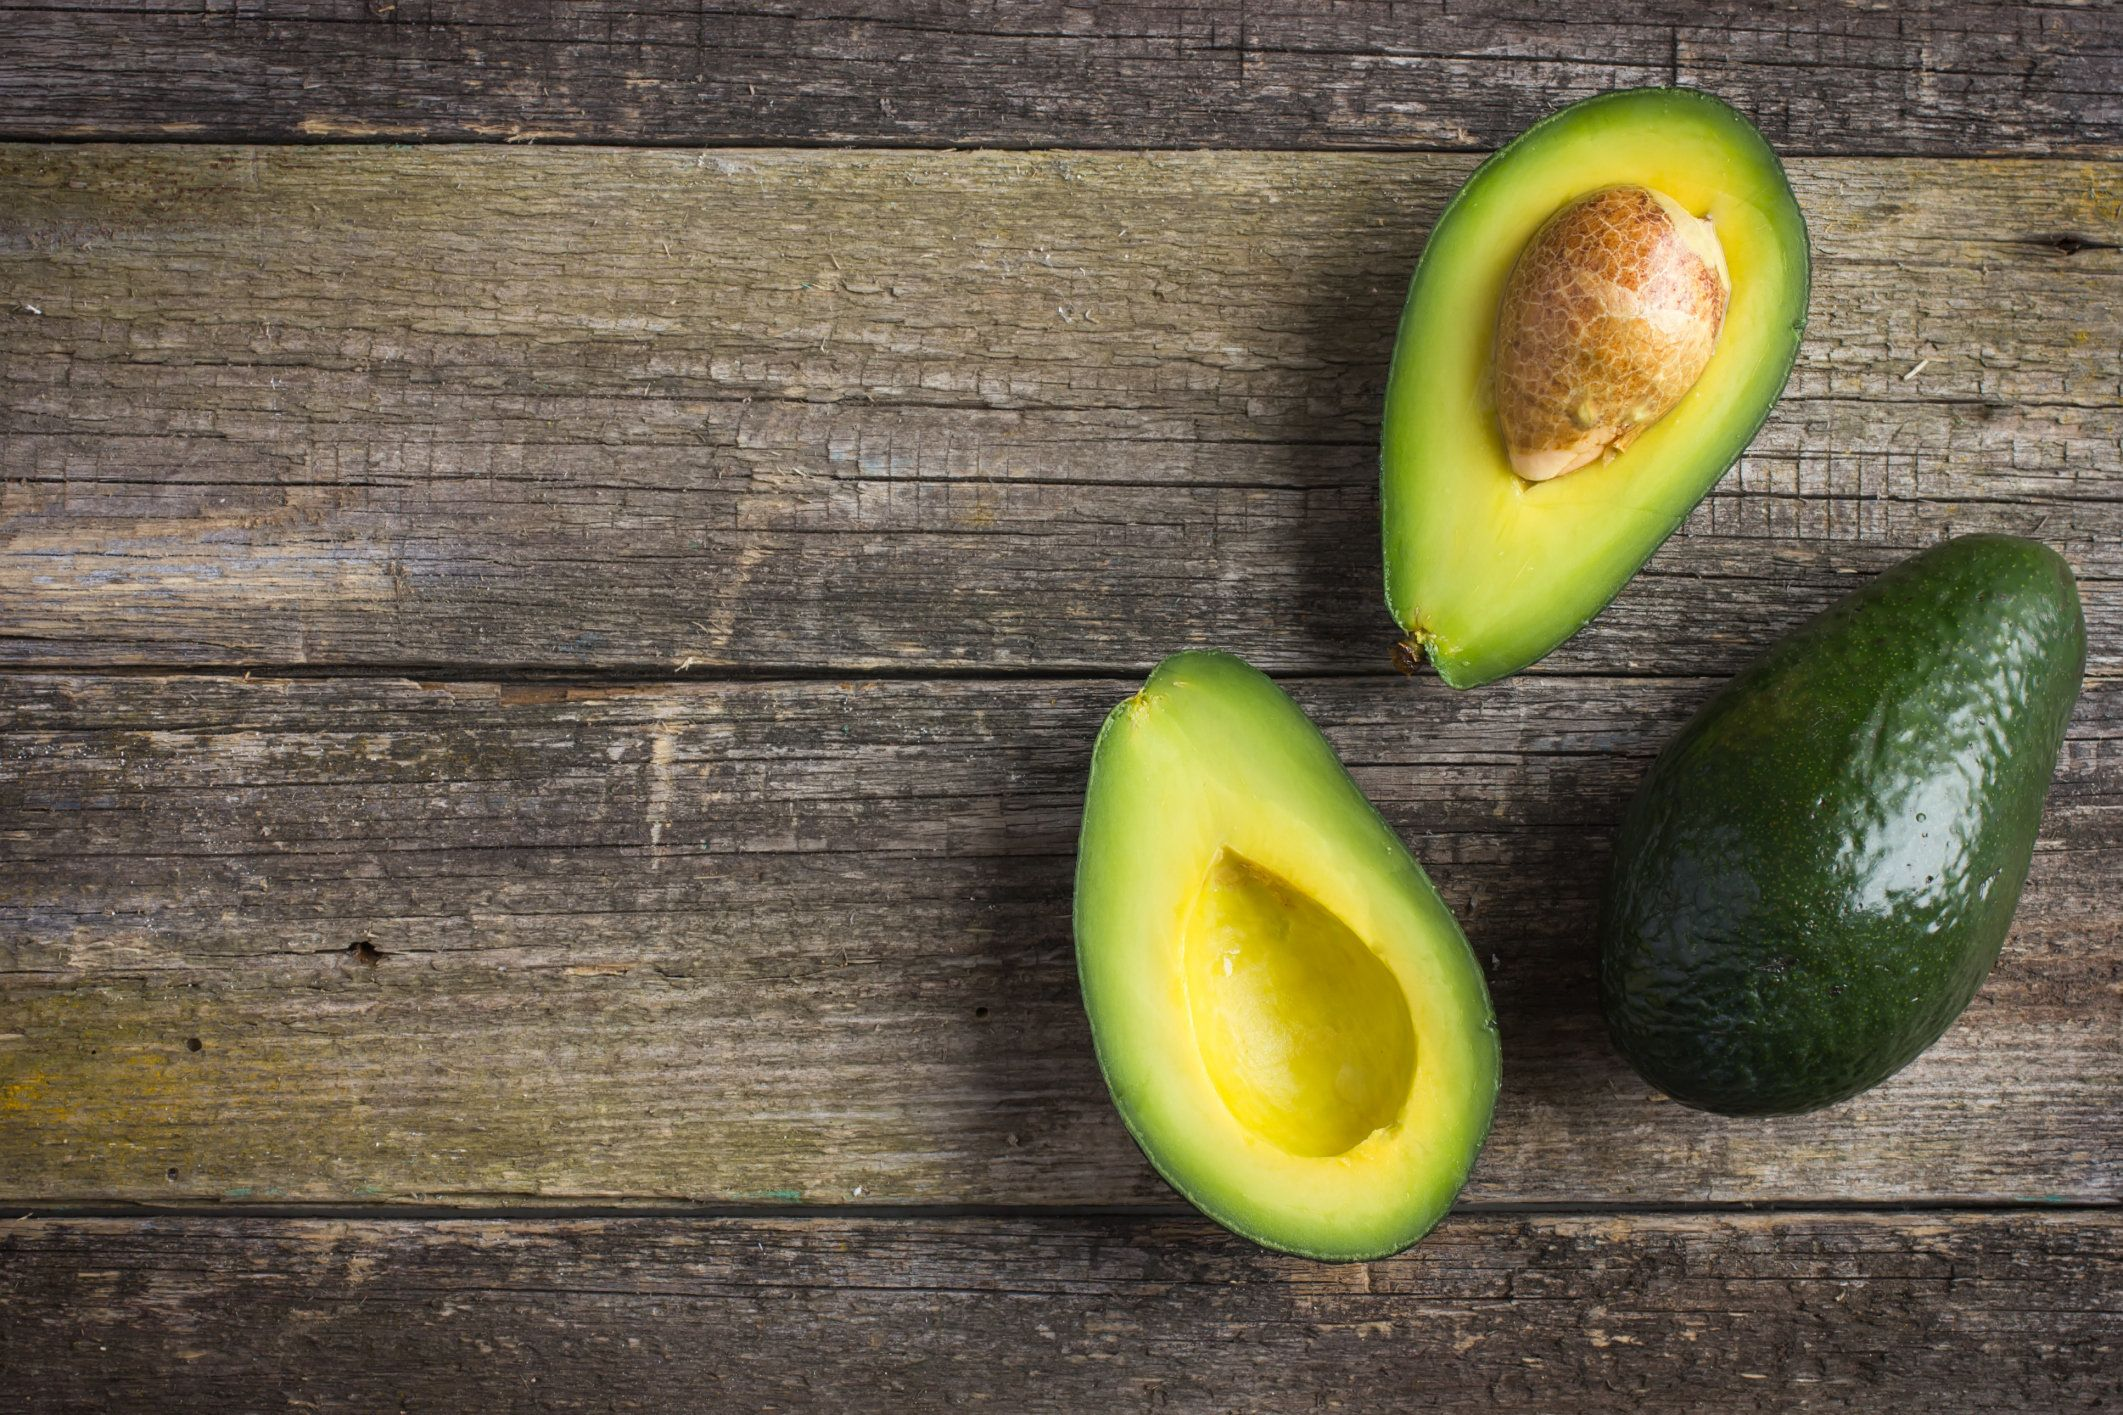 Avocado Nutrition Benefits, Calories, And Recipes